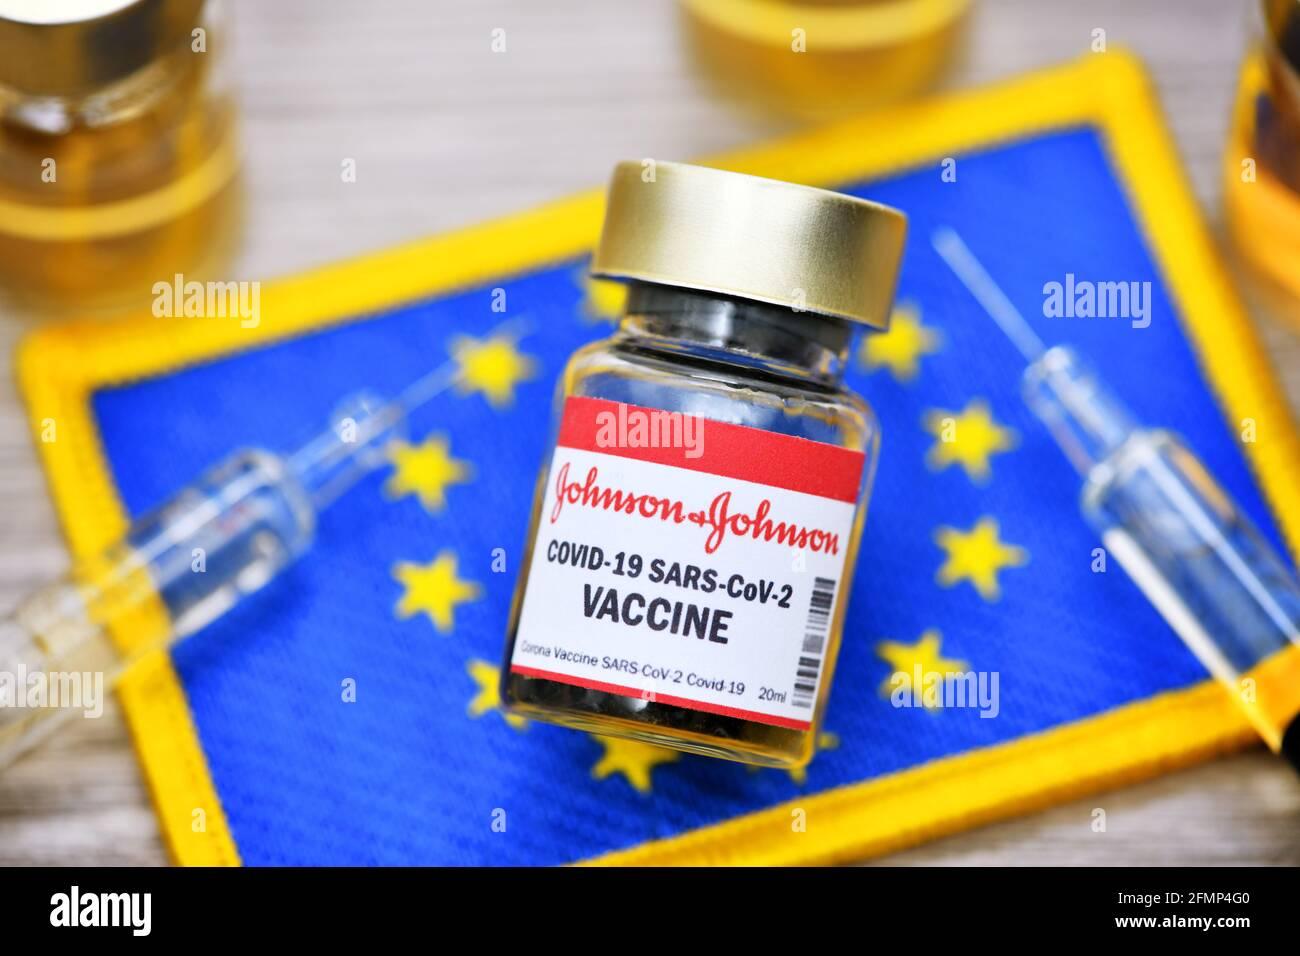 Vacuna Covid de Johnson y Johnson frente a la bandera de la UE, imagen simbólica Foto de stock